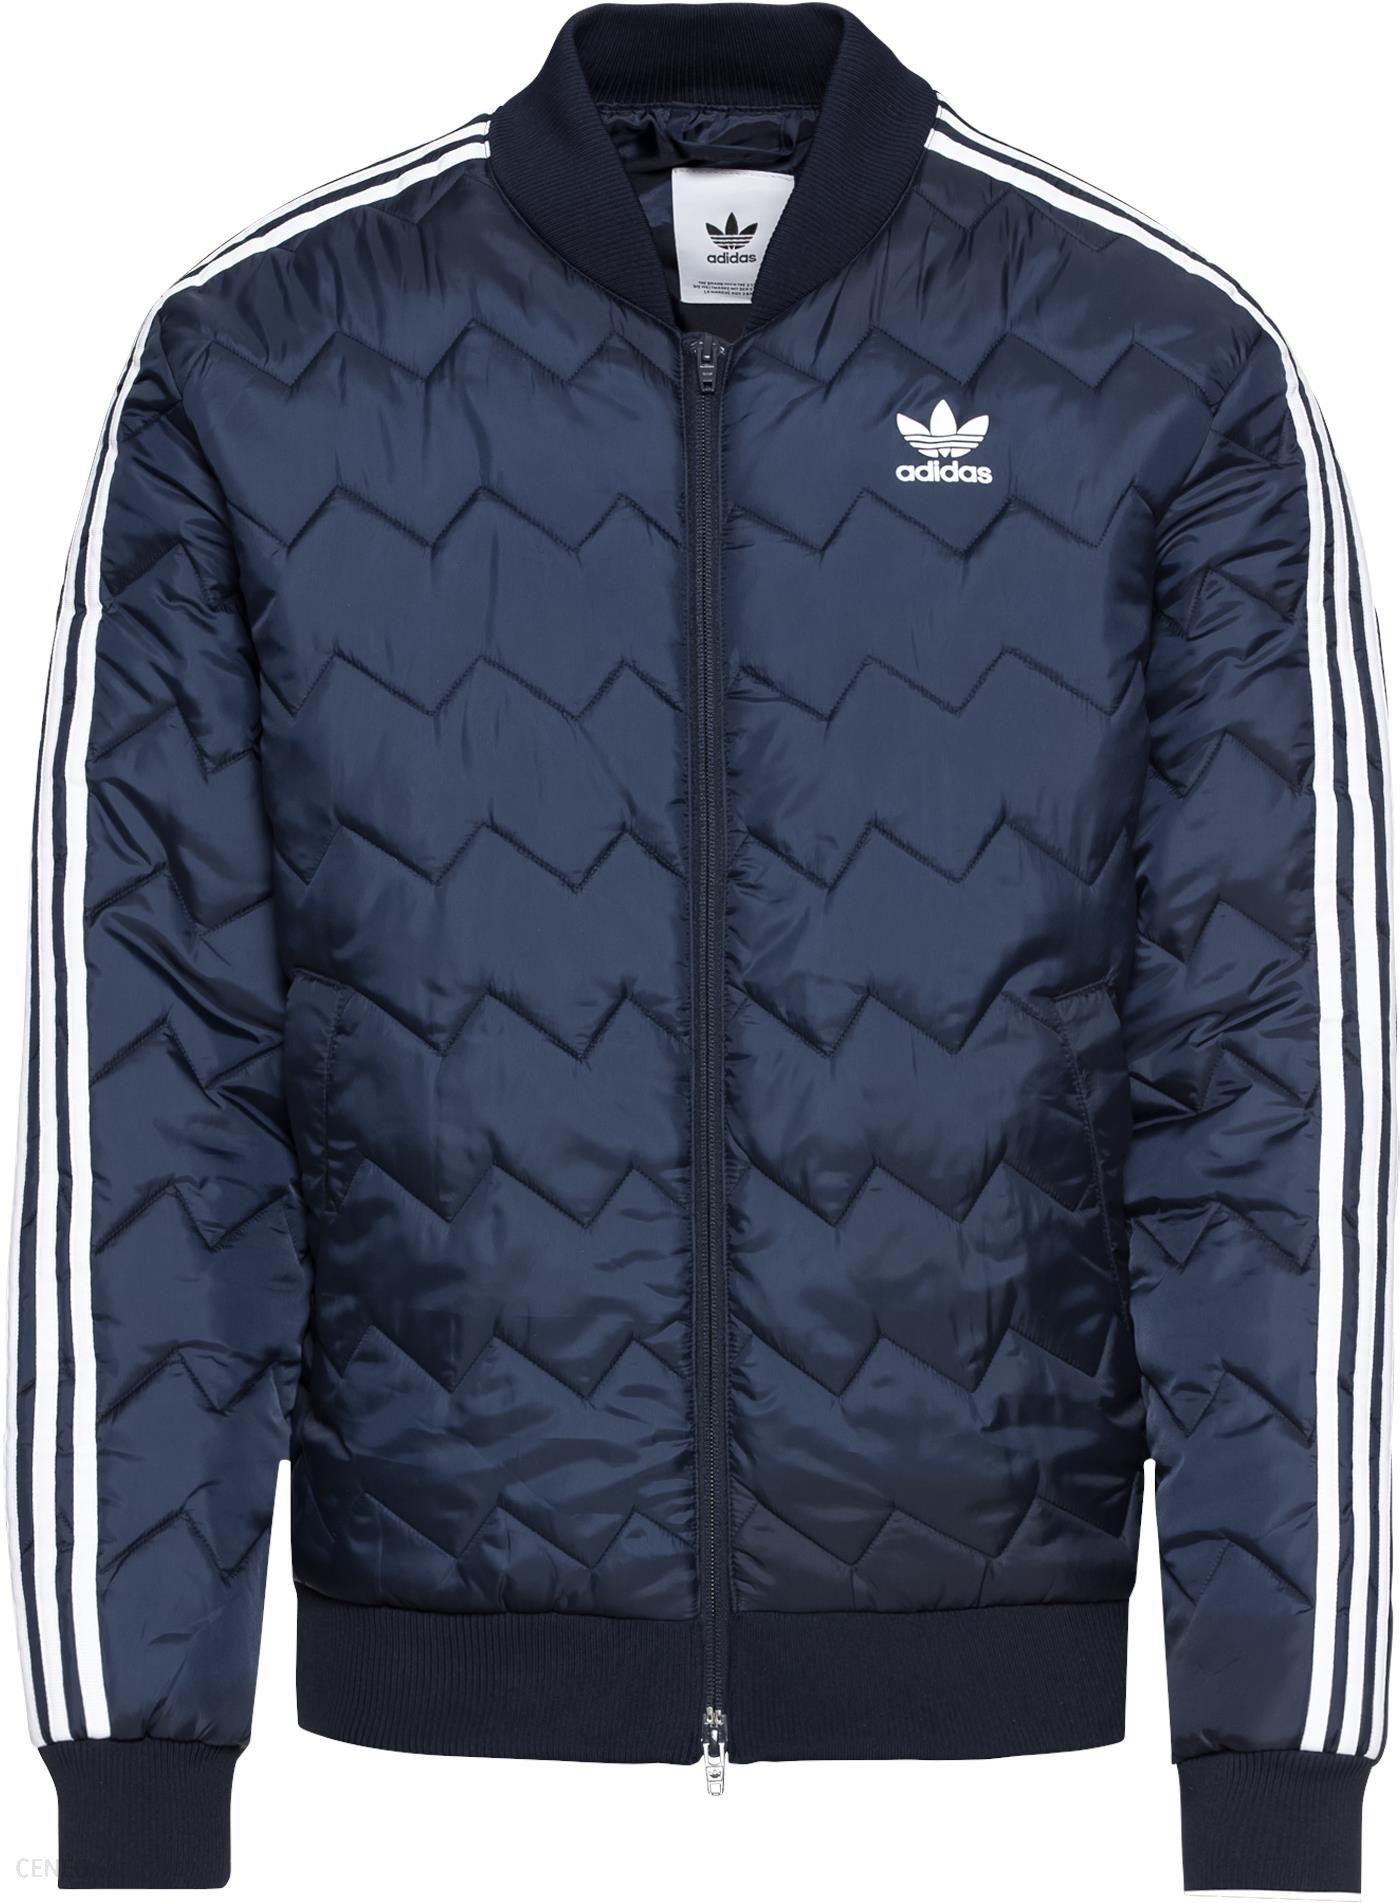 Adidas Originals kurtka męska SST Qualited roz. L Ceny i opinie Ceneo.pl